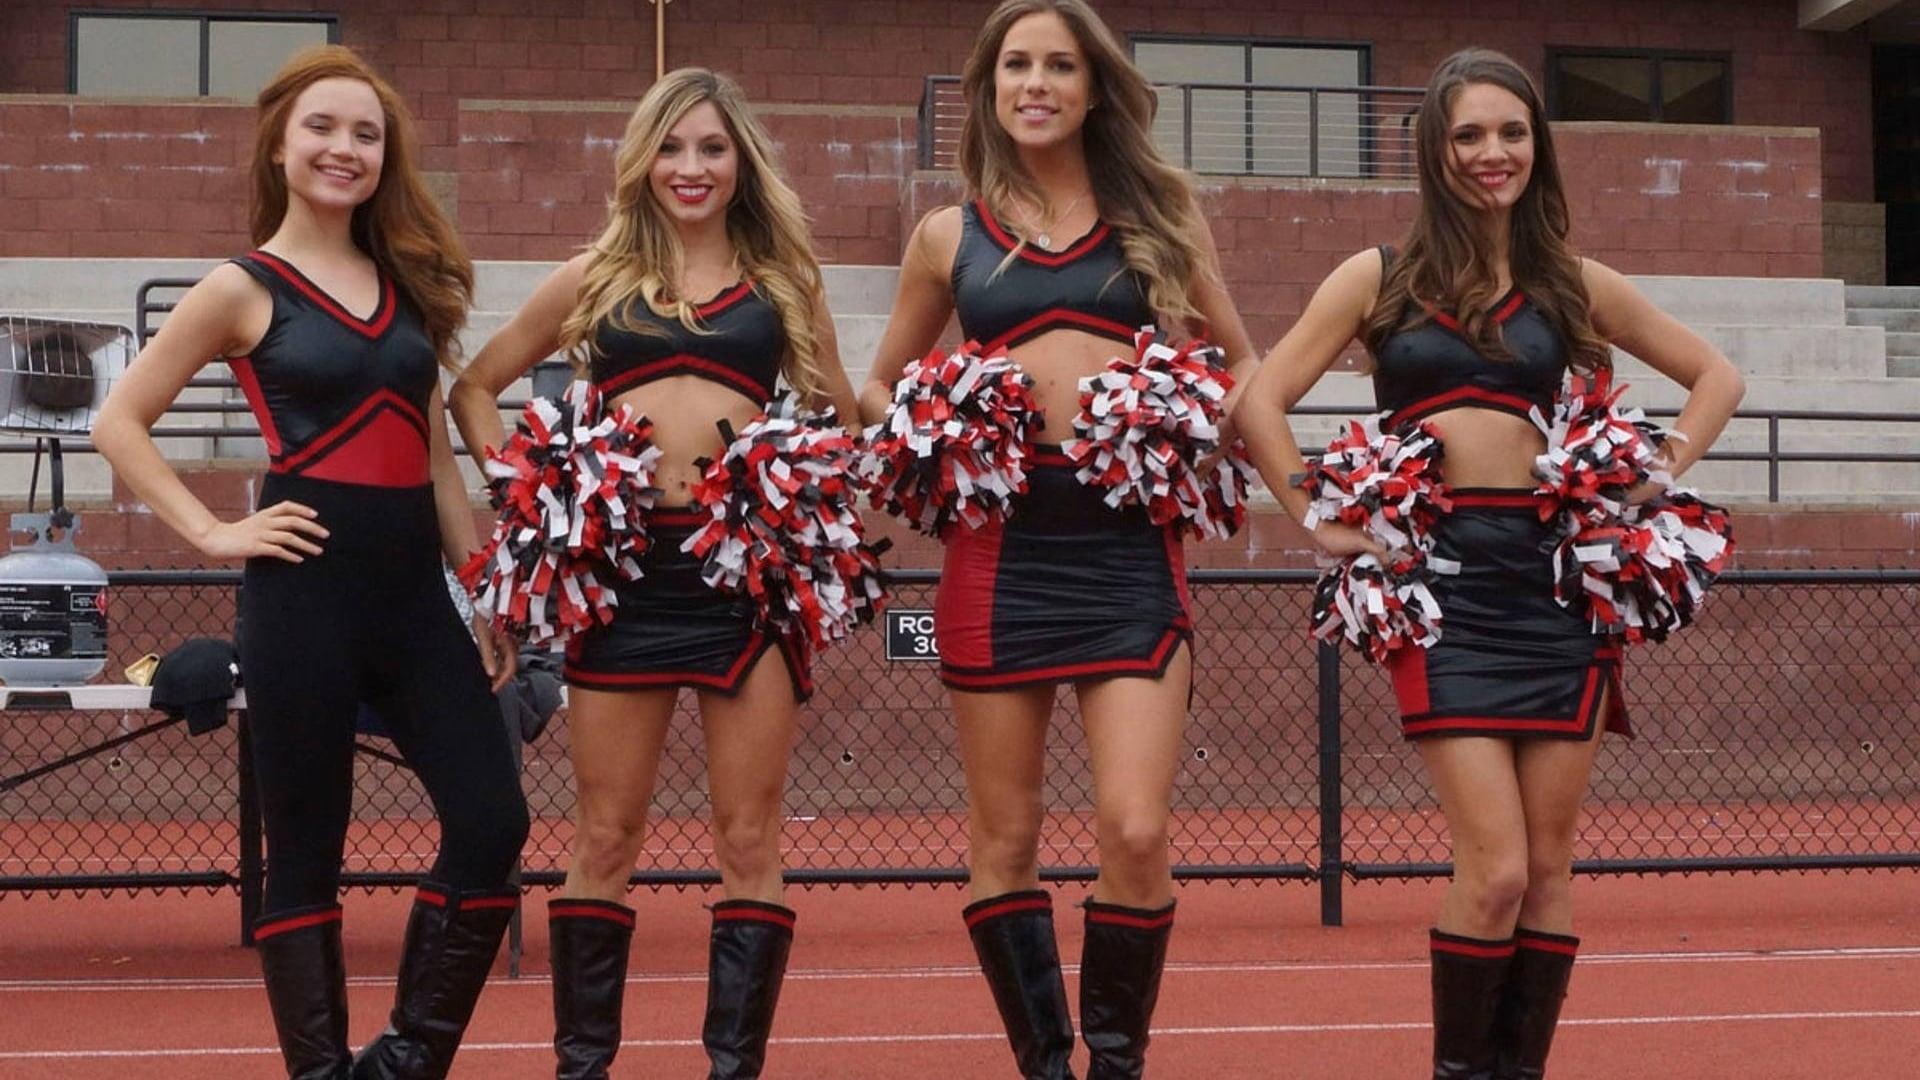 All Cheerleaders Die Stream